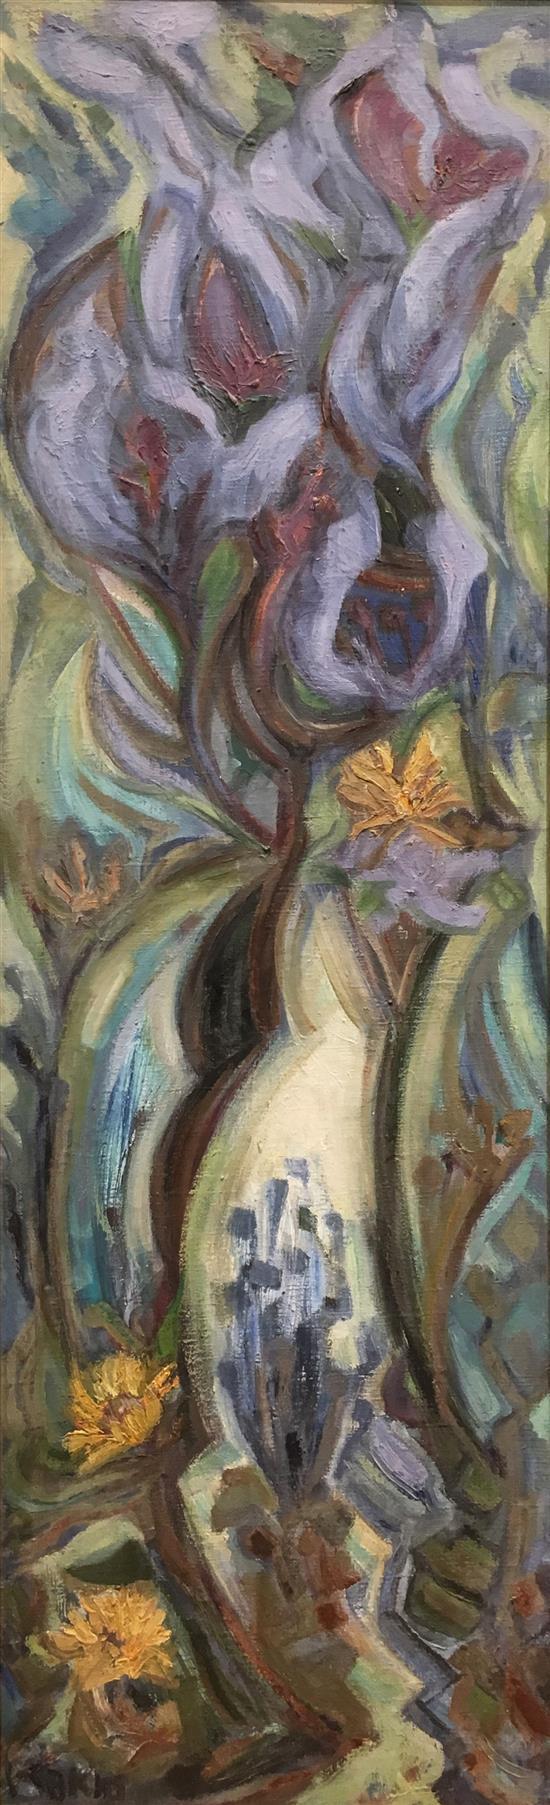 David Rakia b.1928 (Israeli) Flowers oil on canvas